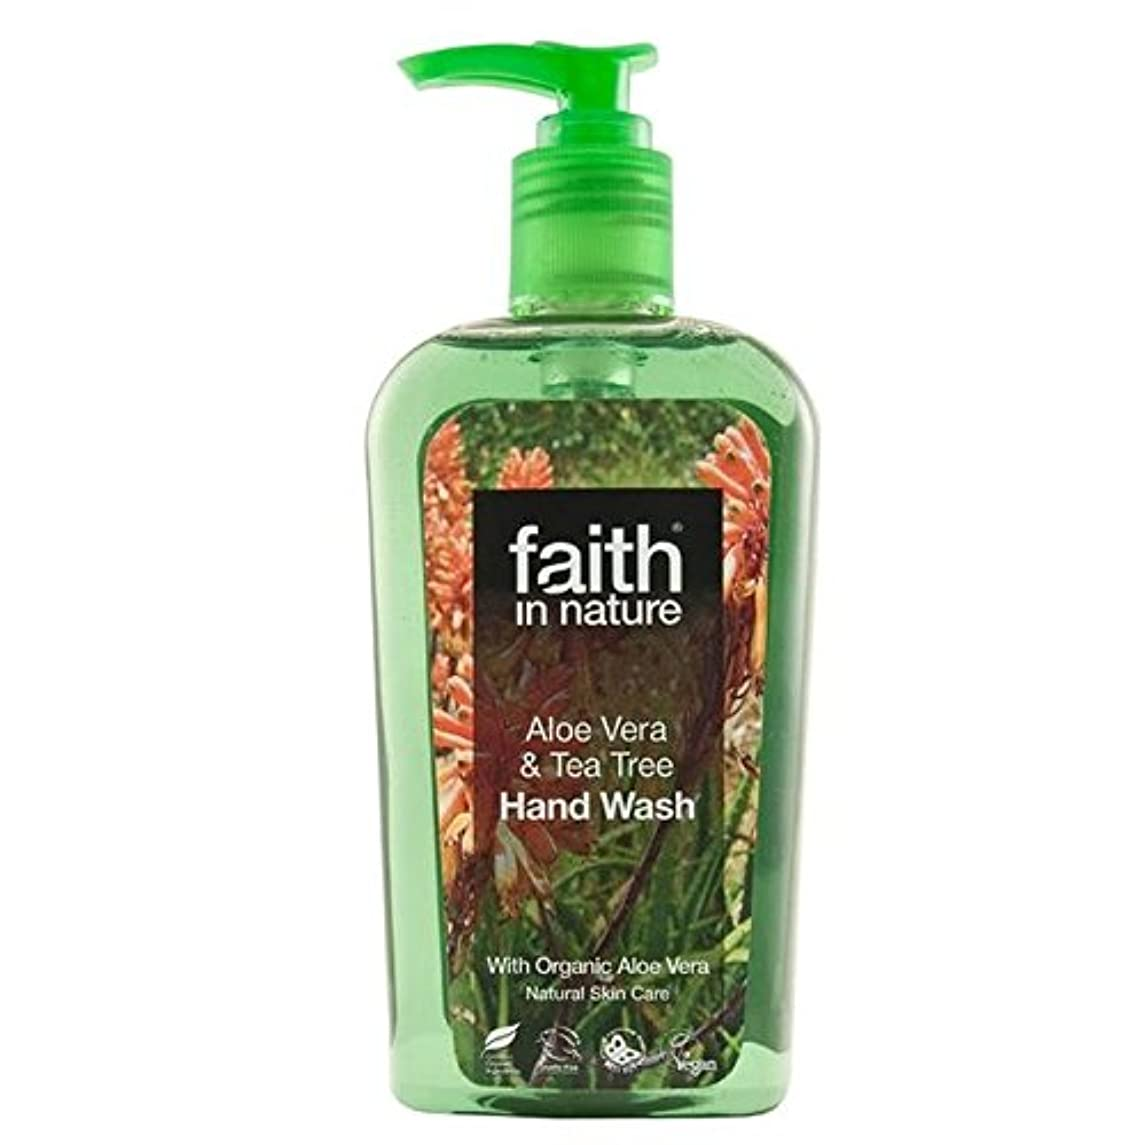 スイング教育終わりFaith in Nature Aloe Vera & Tea Tree Handwash 300ml - (Faith In Nature) 自然のアロエベラ&ティーツリー手洗いの300ミリリットルの信仰 [並行輸入品]